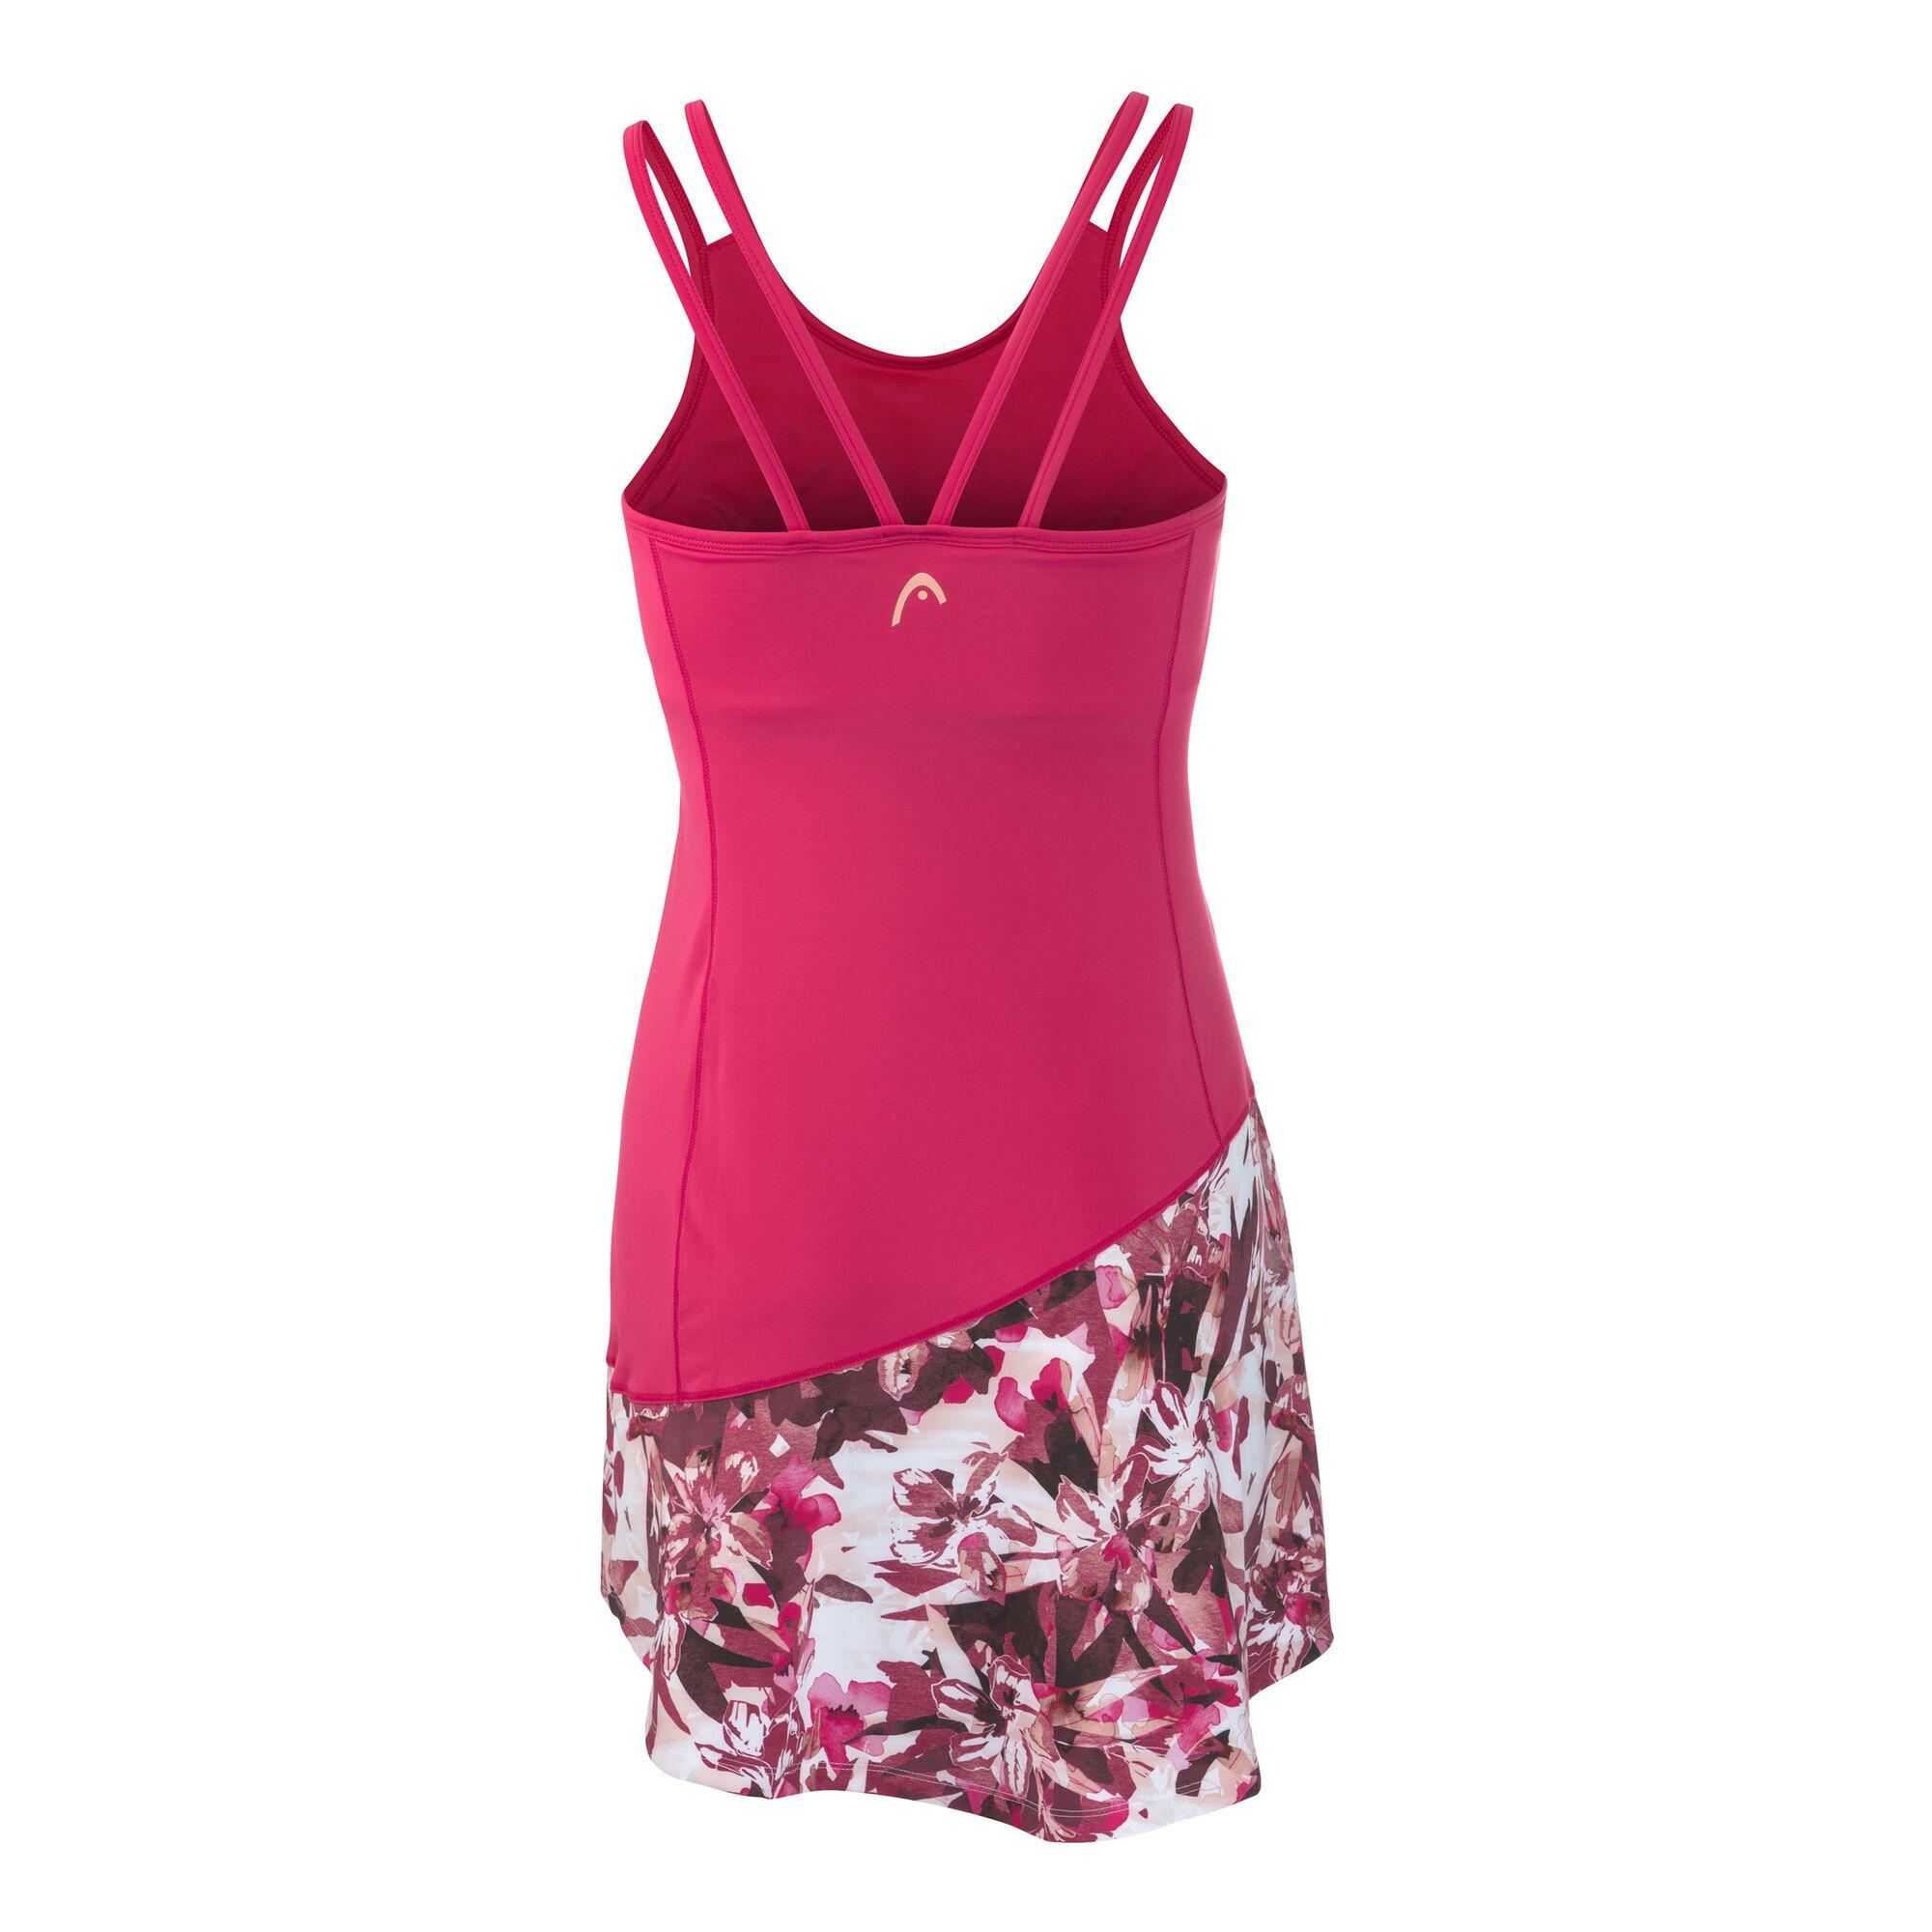 HEAD Vision Graphic Kleid Damen - Koralle, Weiß online ...